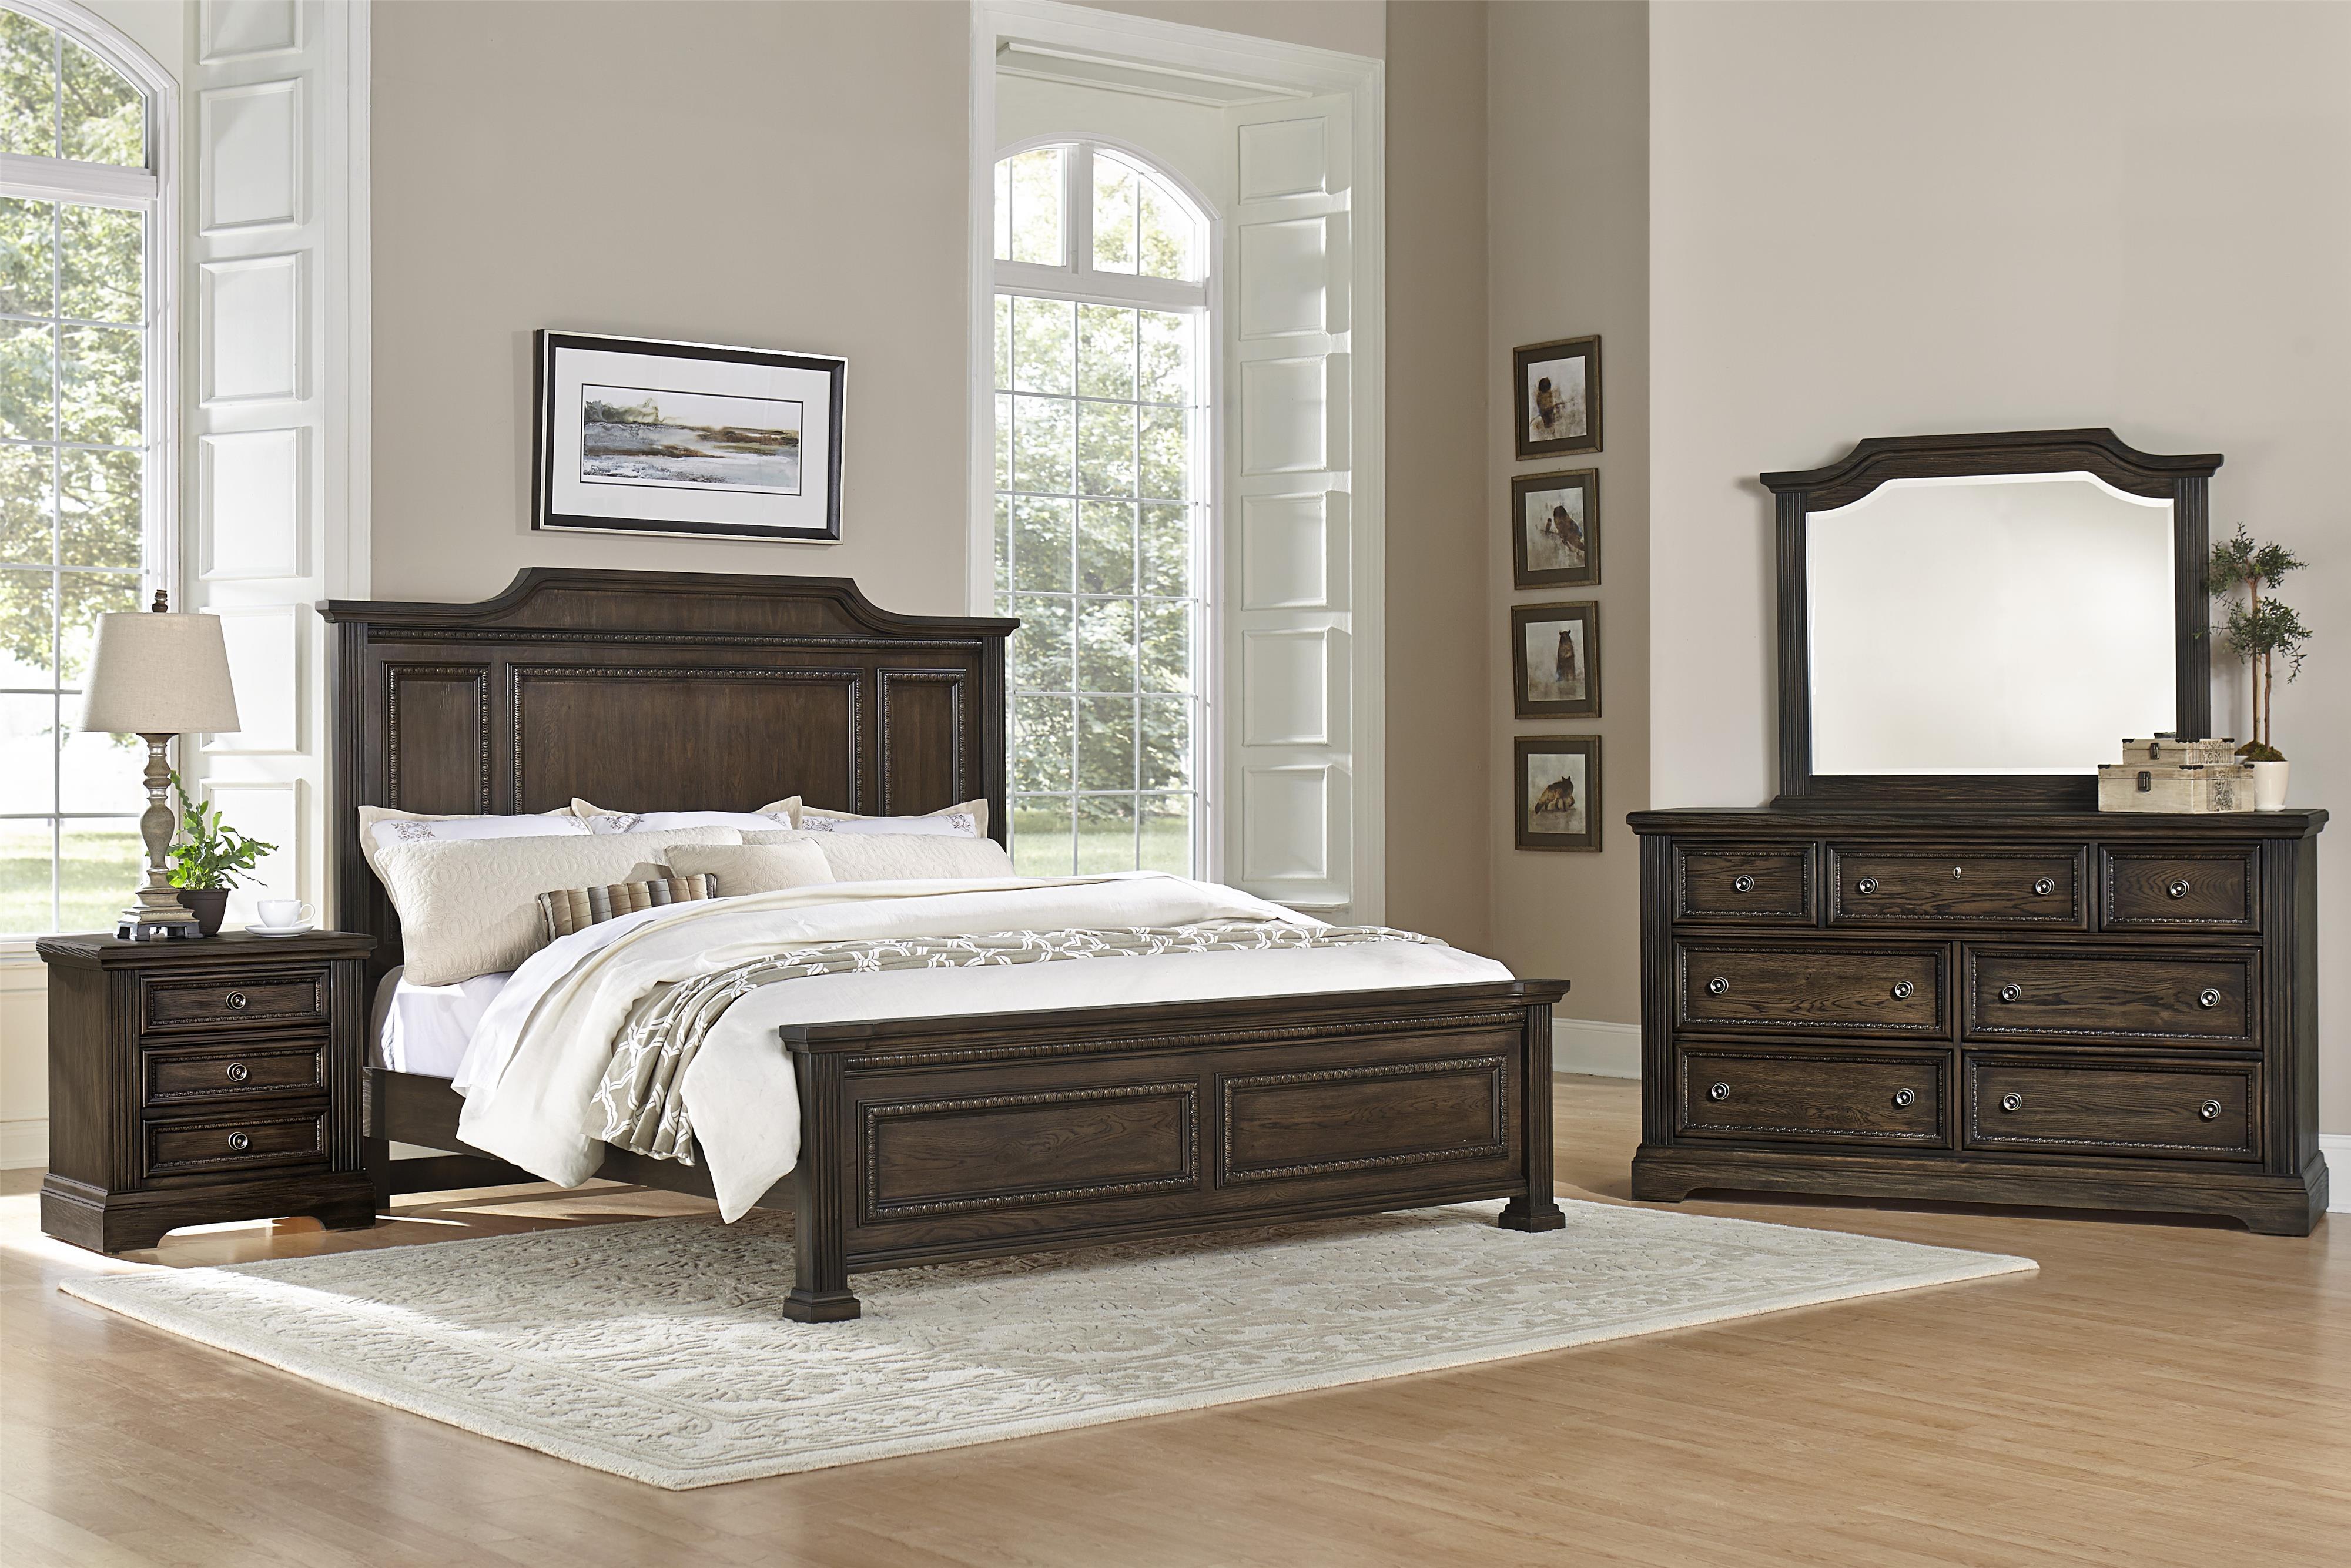 vaughan bassett affinity queen bedroom group wayside furniture